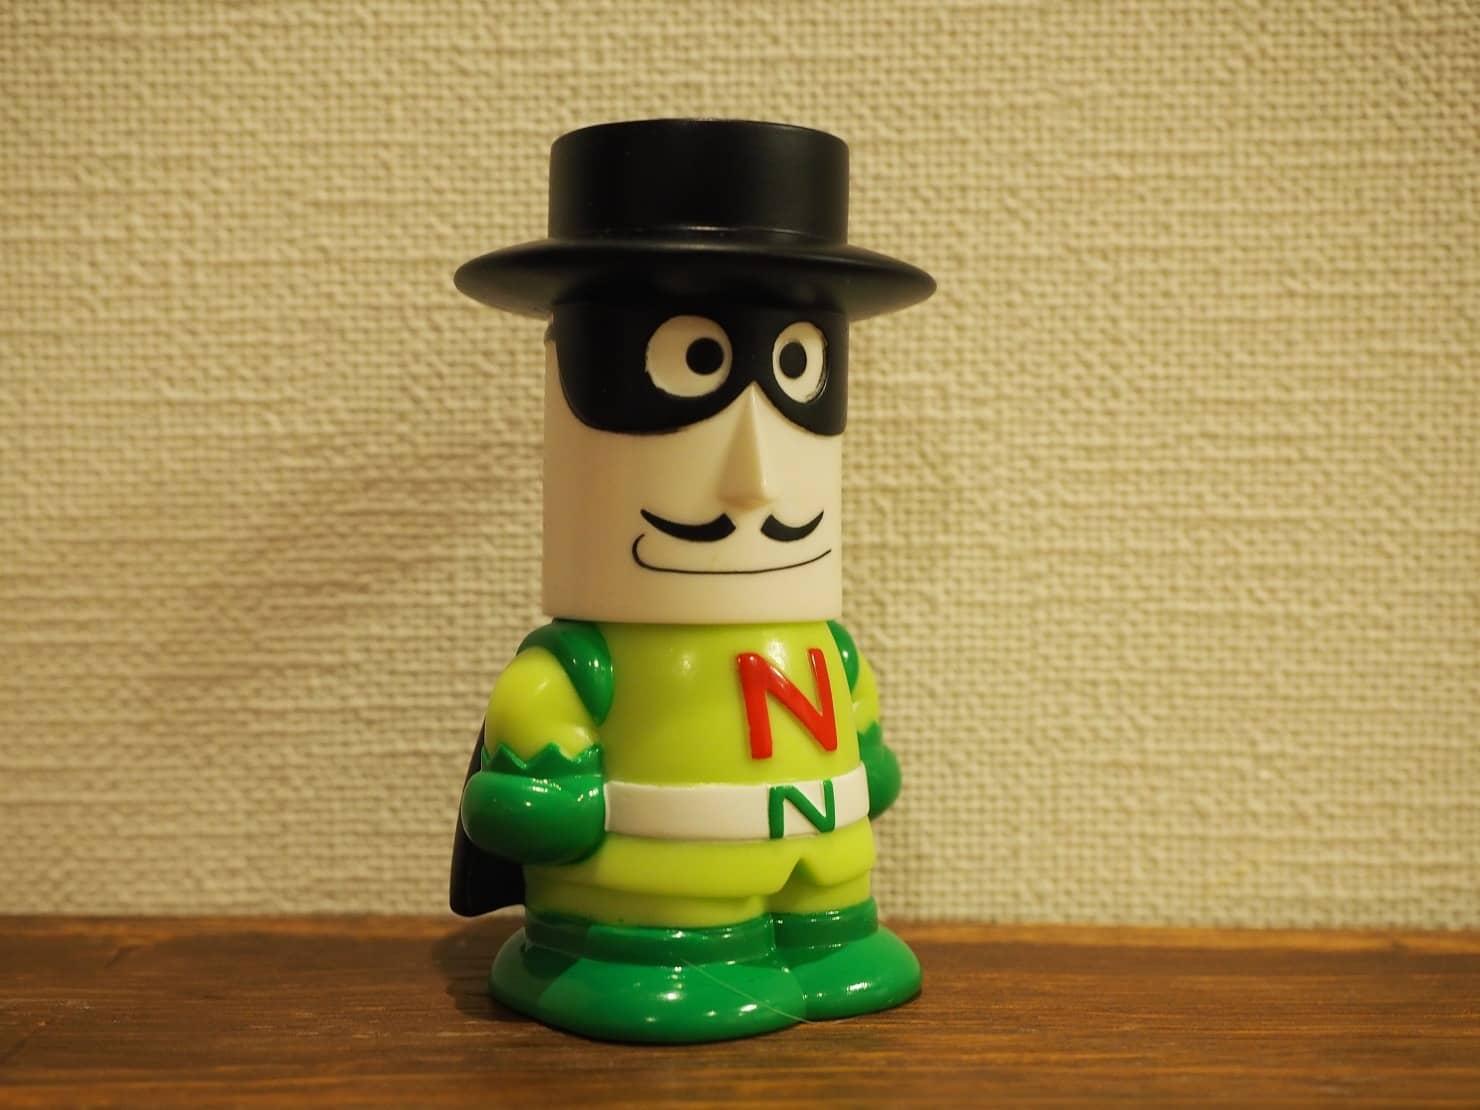 ナガネギマンの正体は? ネギーおじさん? キャラクターの特徴や声優、映画なども紹介